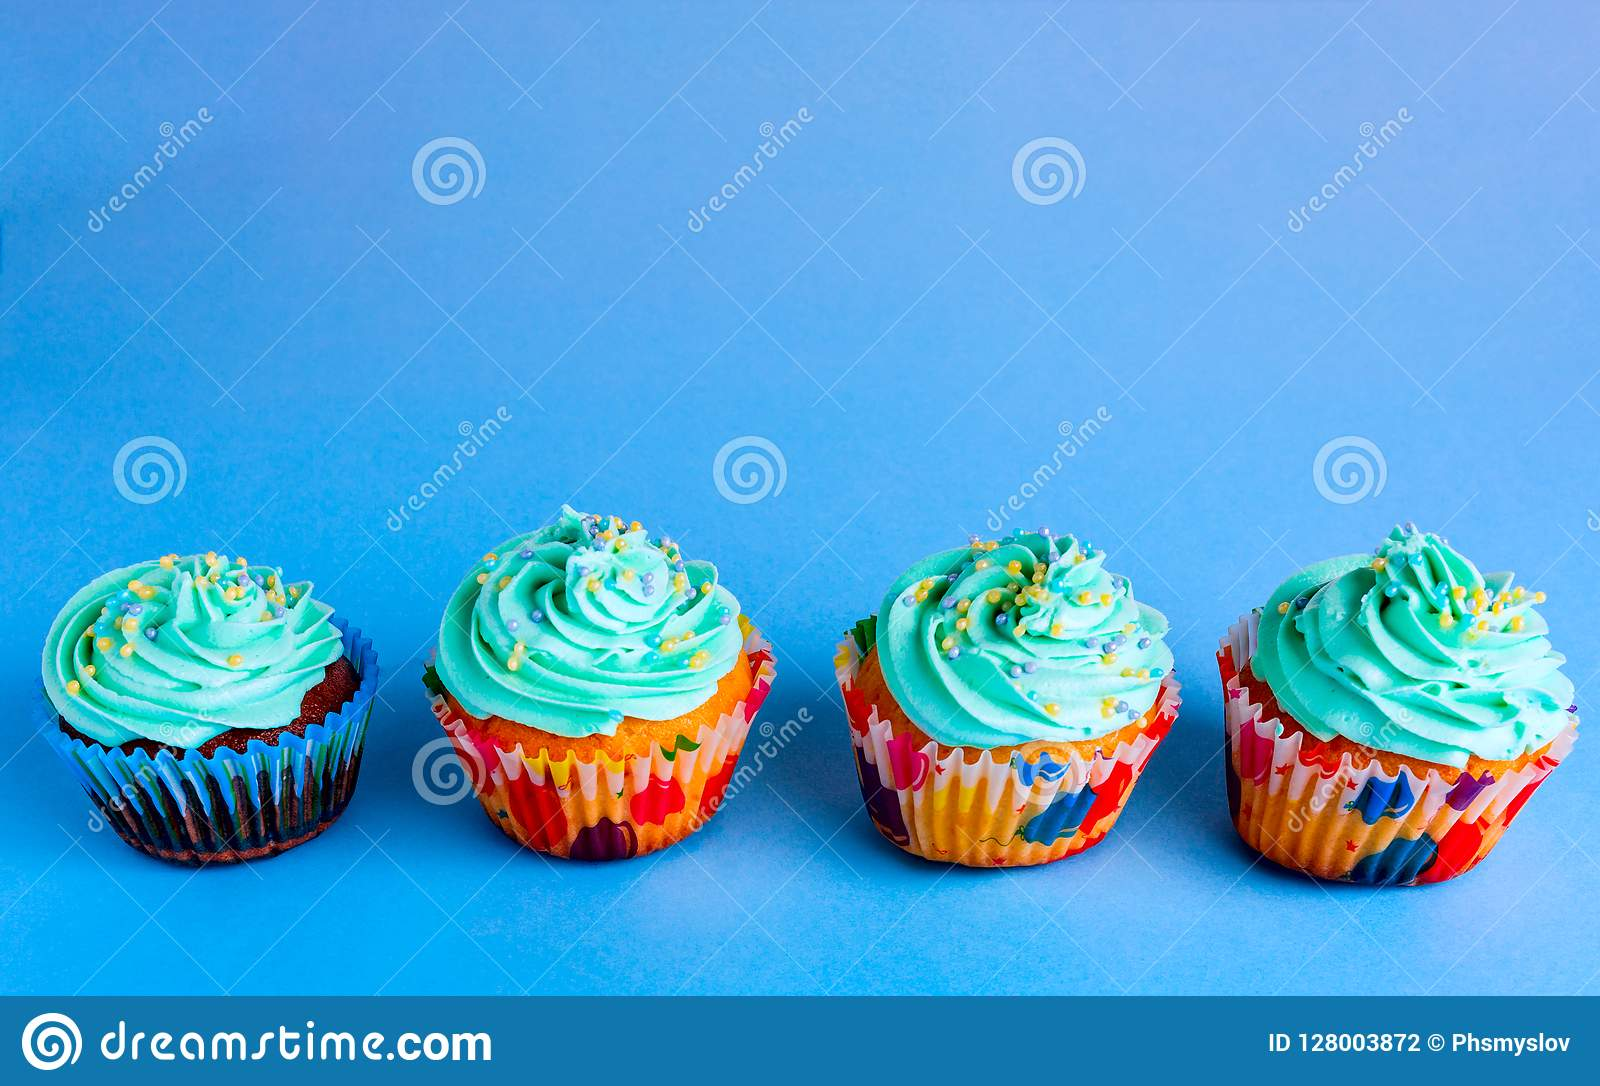 Capcake em um fundo azul, espaço da cópia